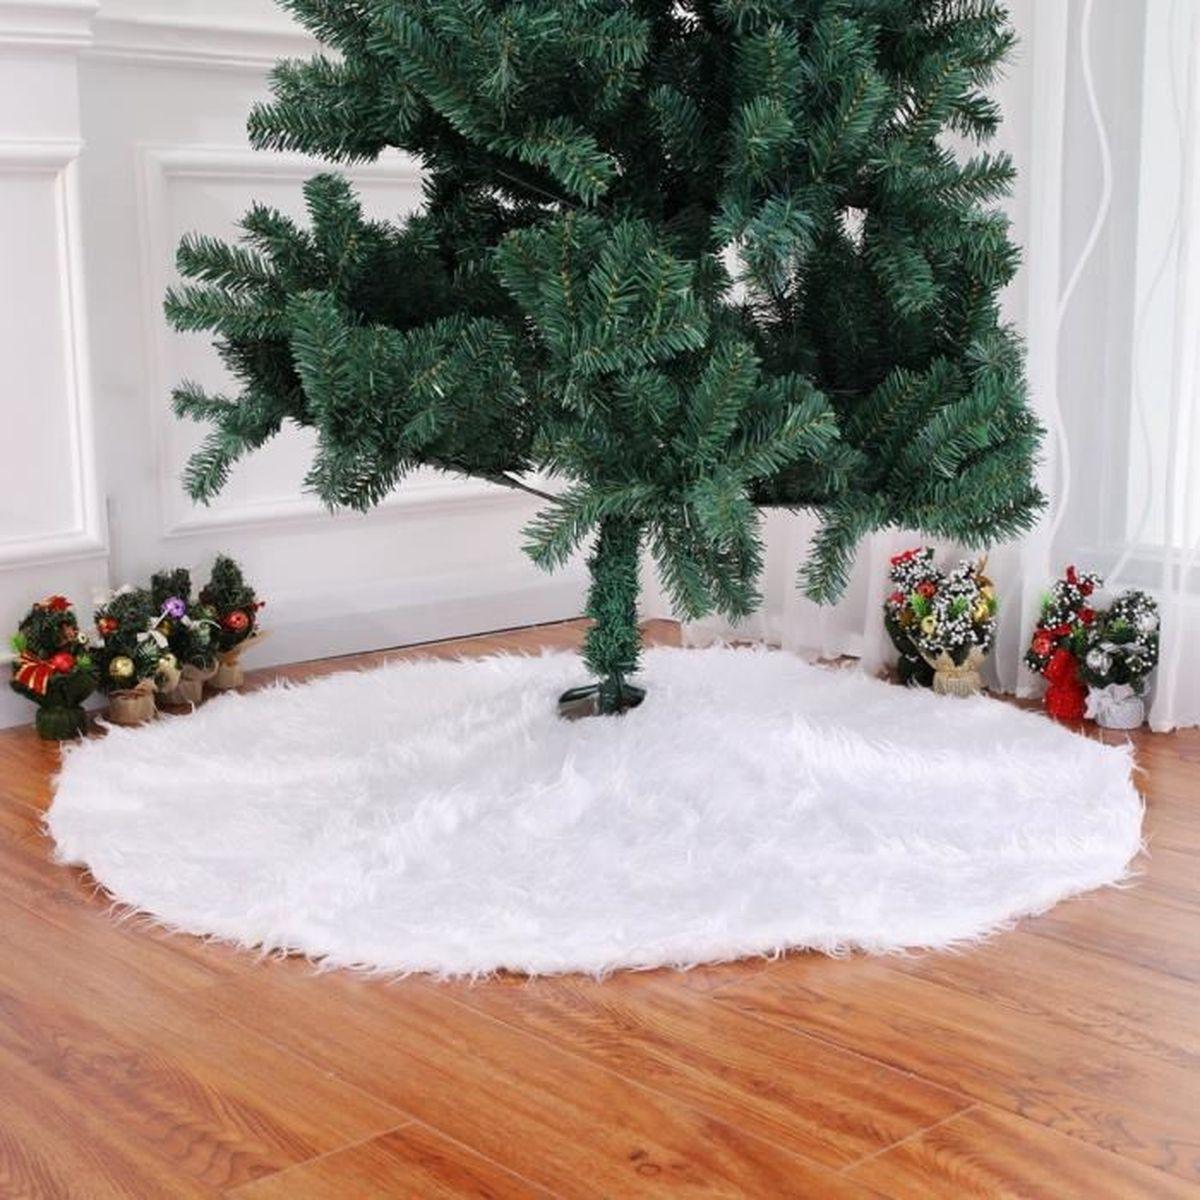 Deco Pied De Sapin tapis de sapin arbre noël pied diamètre 122cm grand